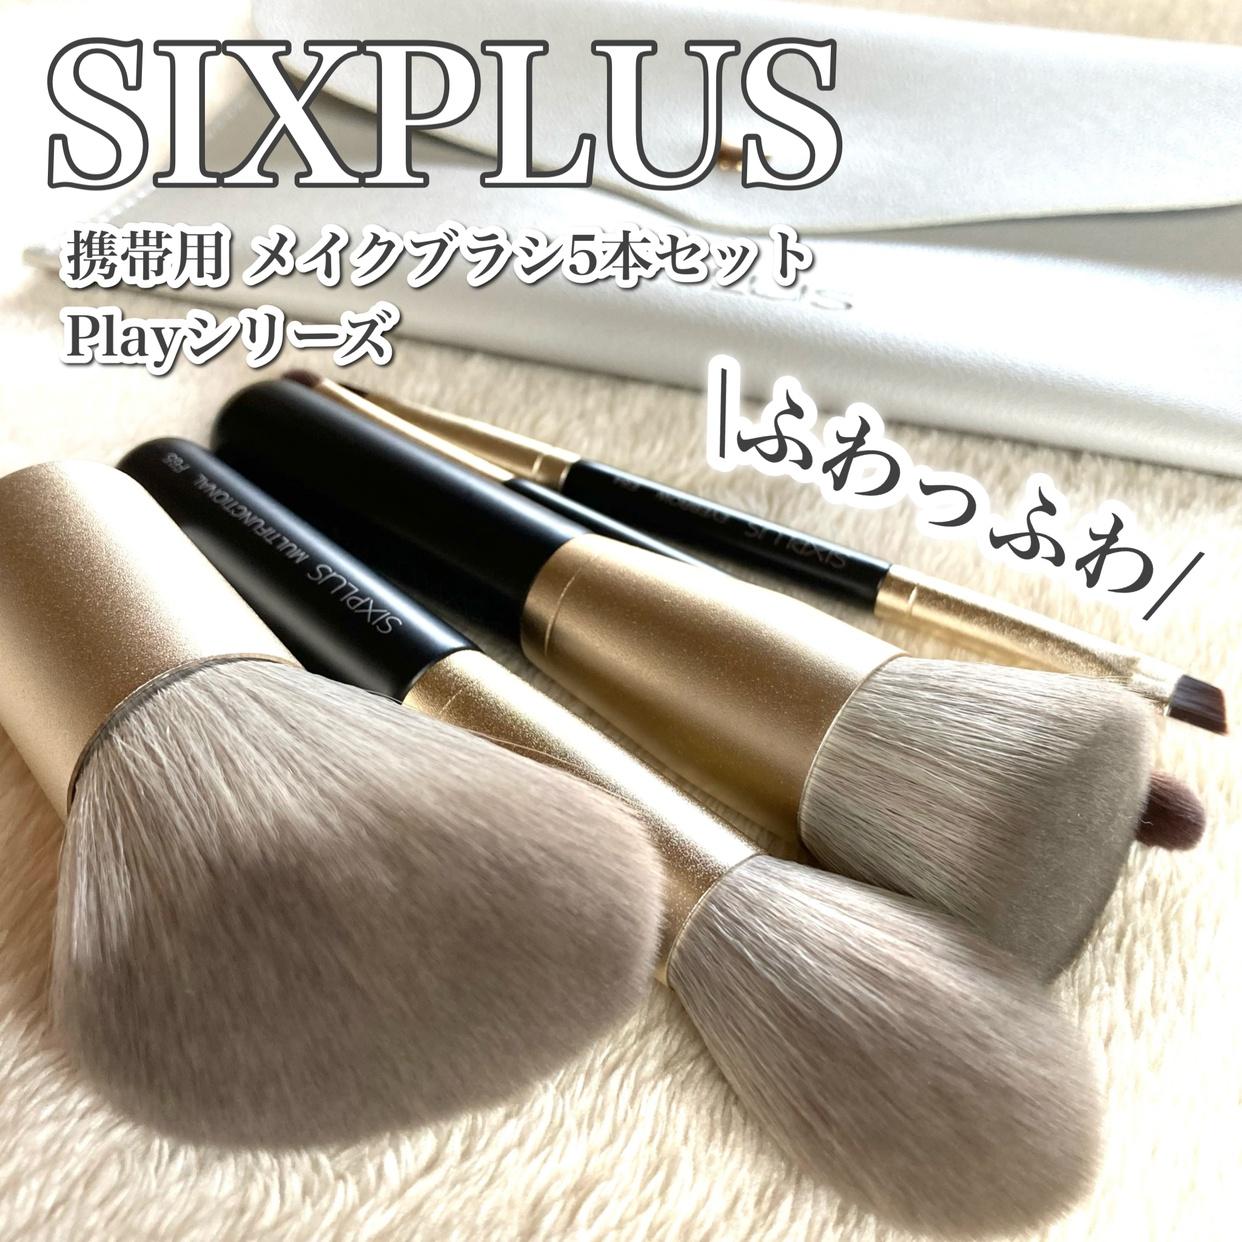 SIXPLUS(シックスプラス)携帯用 メイクブラシ 5本セット Playシリーズを使った☆ふくすけ☆さんのクチコミ画像1